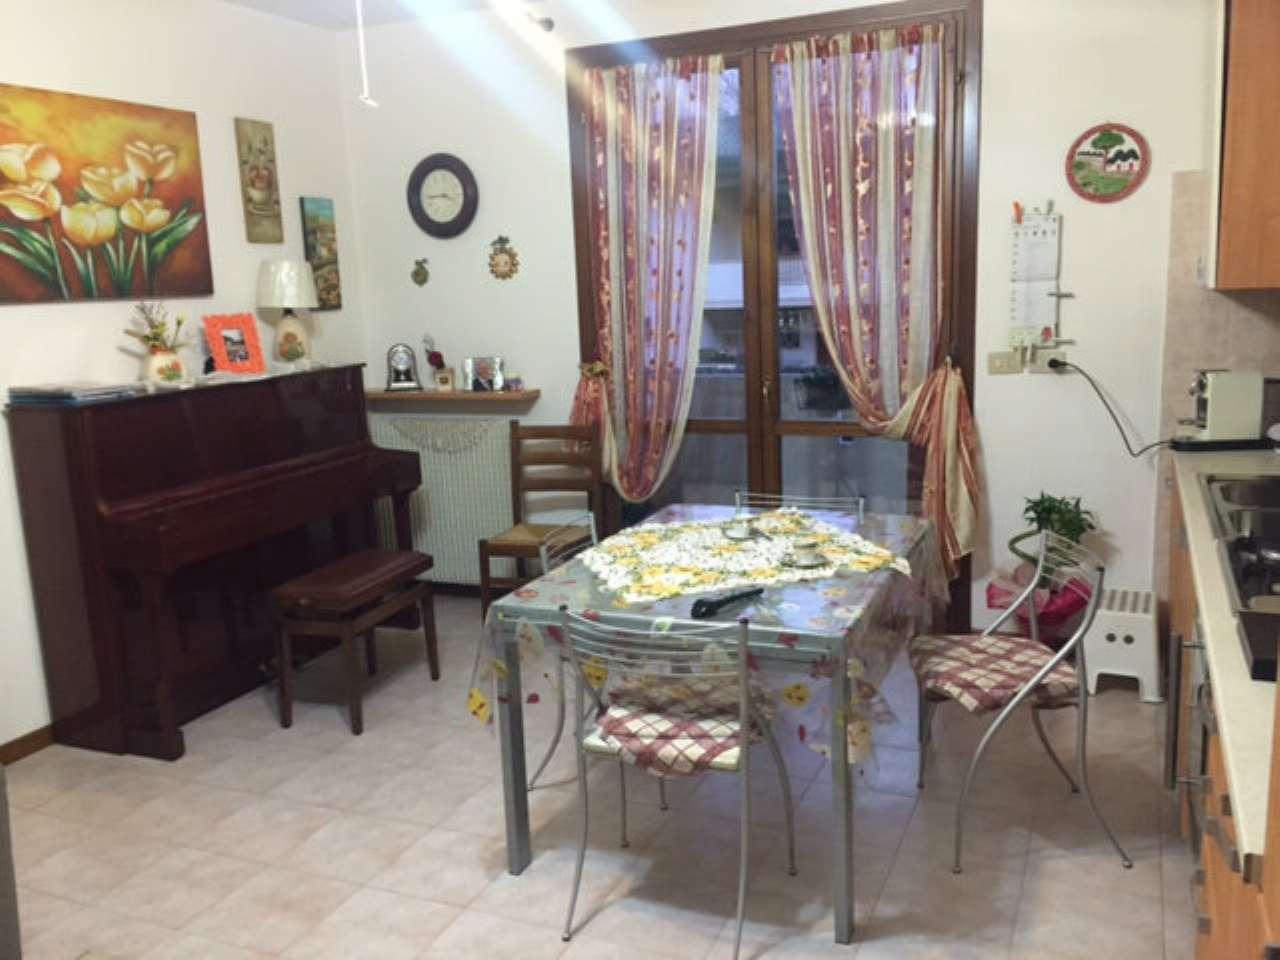 Appartamento in vendita a Carbonera, 4 locali, prezzo € 98.000 | CambioCasa.it